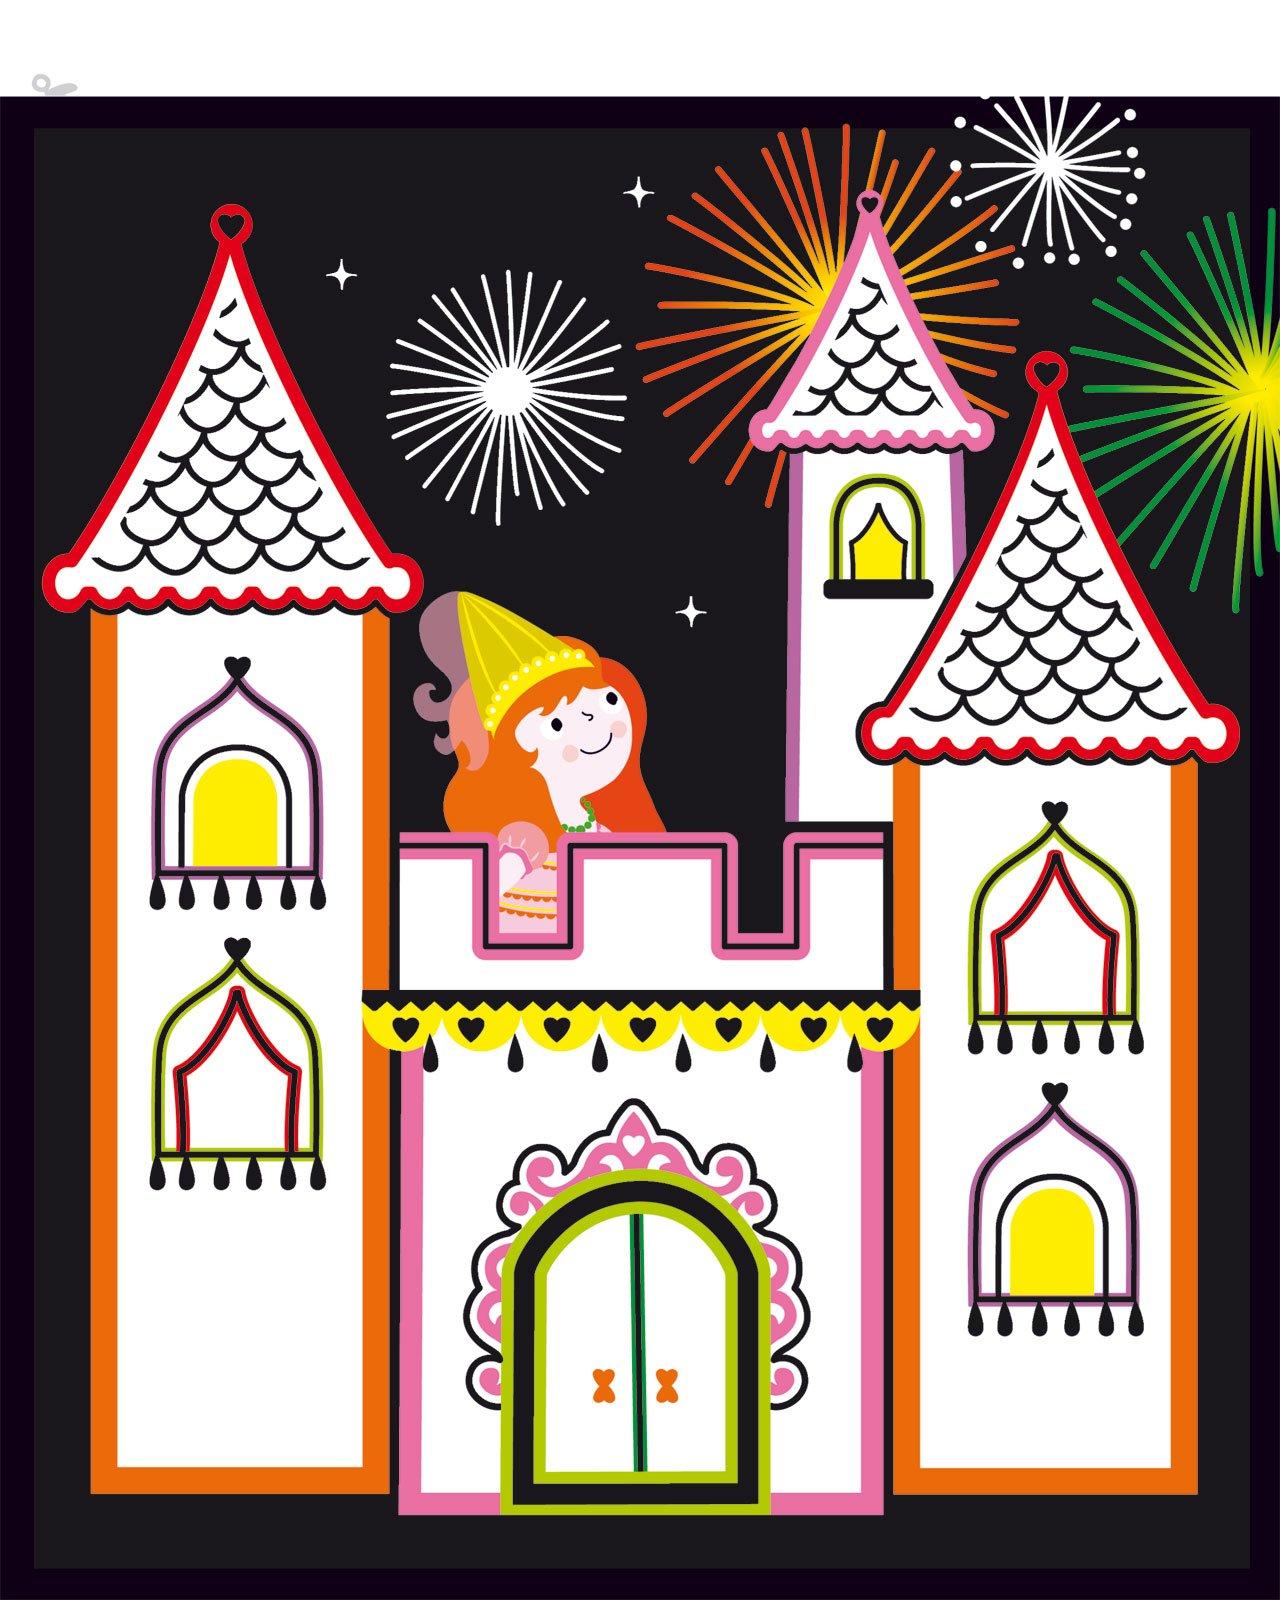 Amazon Mon premier coloriage velours La petite princesse D¨s 3 ans Corinne Lemerle Livres